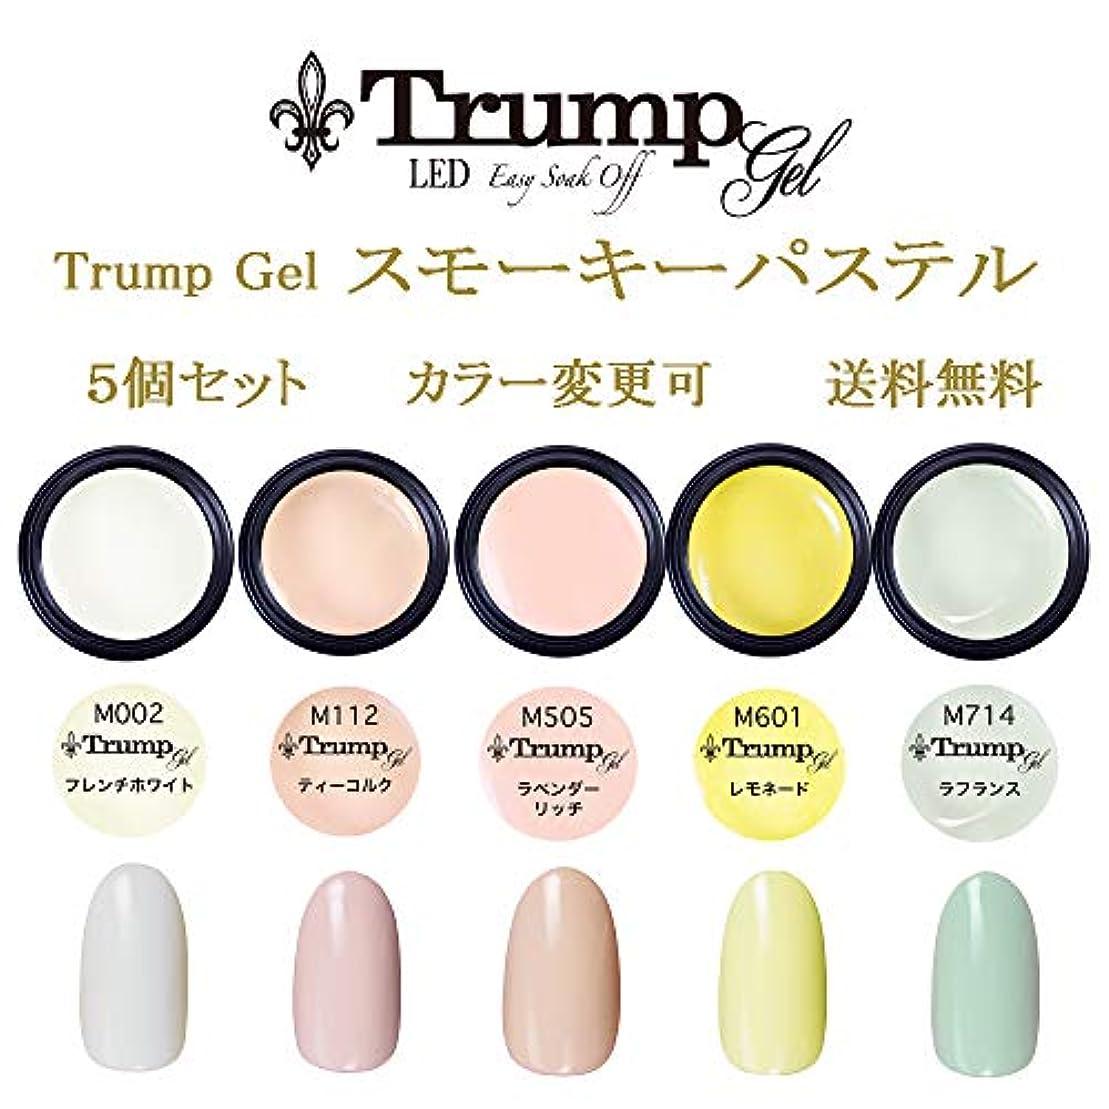 バスルーム天皇報いる日本製 Trump gel トランプジェル スモーキー パステルカラー 選べる カラージェル5個セット ホワイト ベージュ ピンク イエロー グリーン